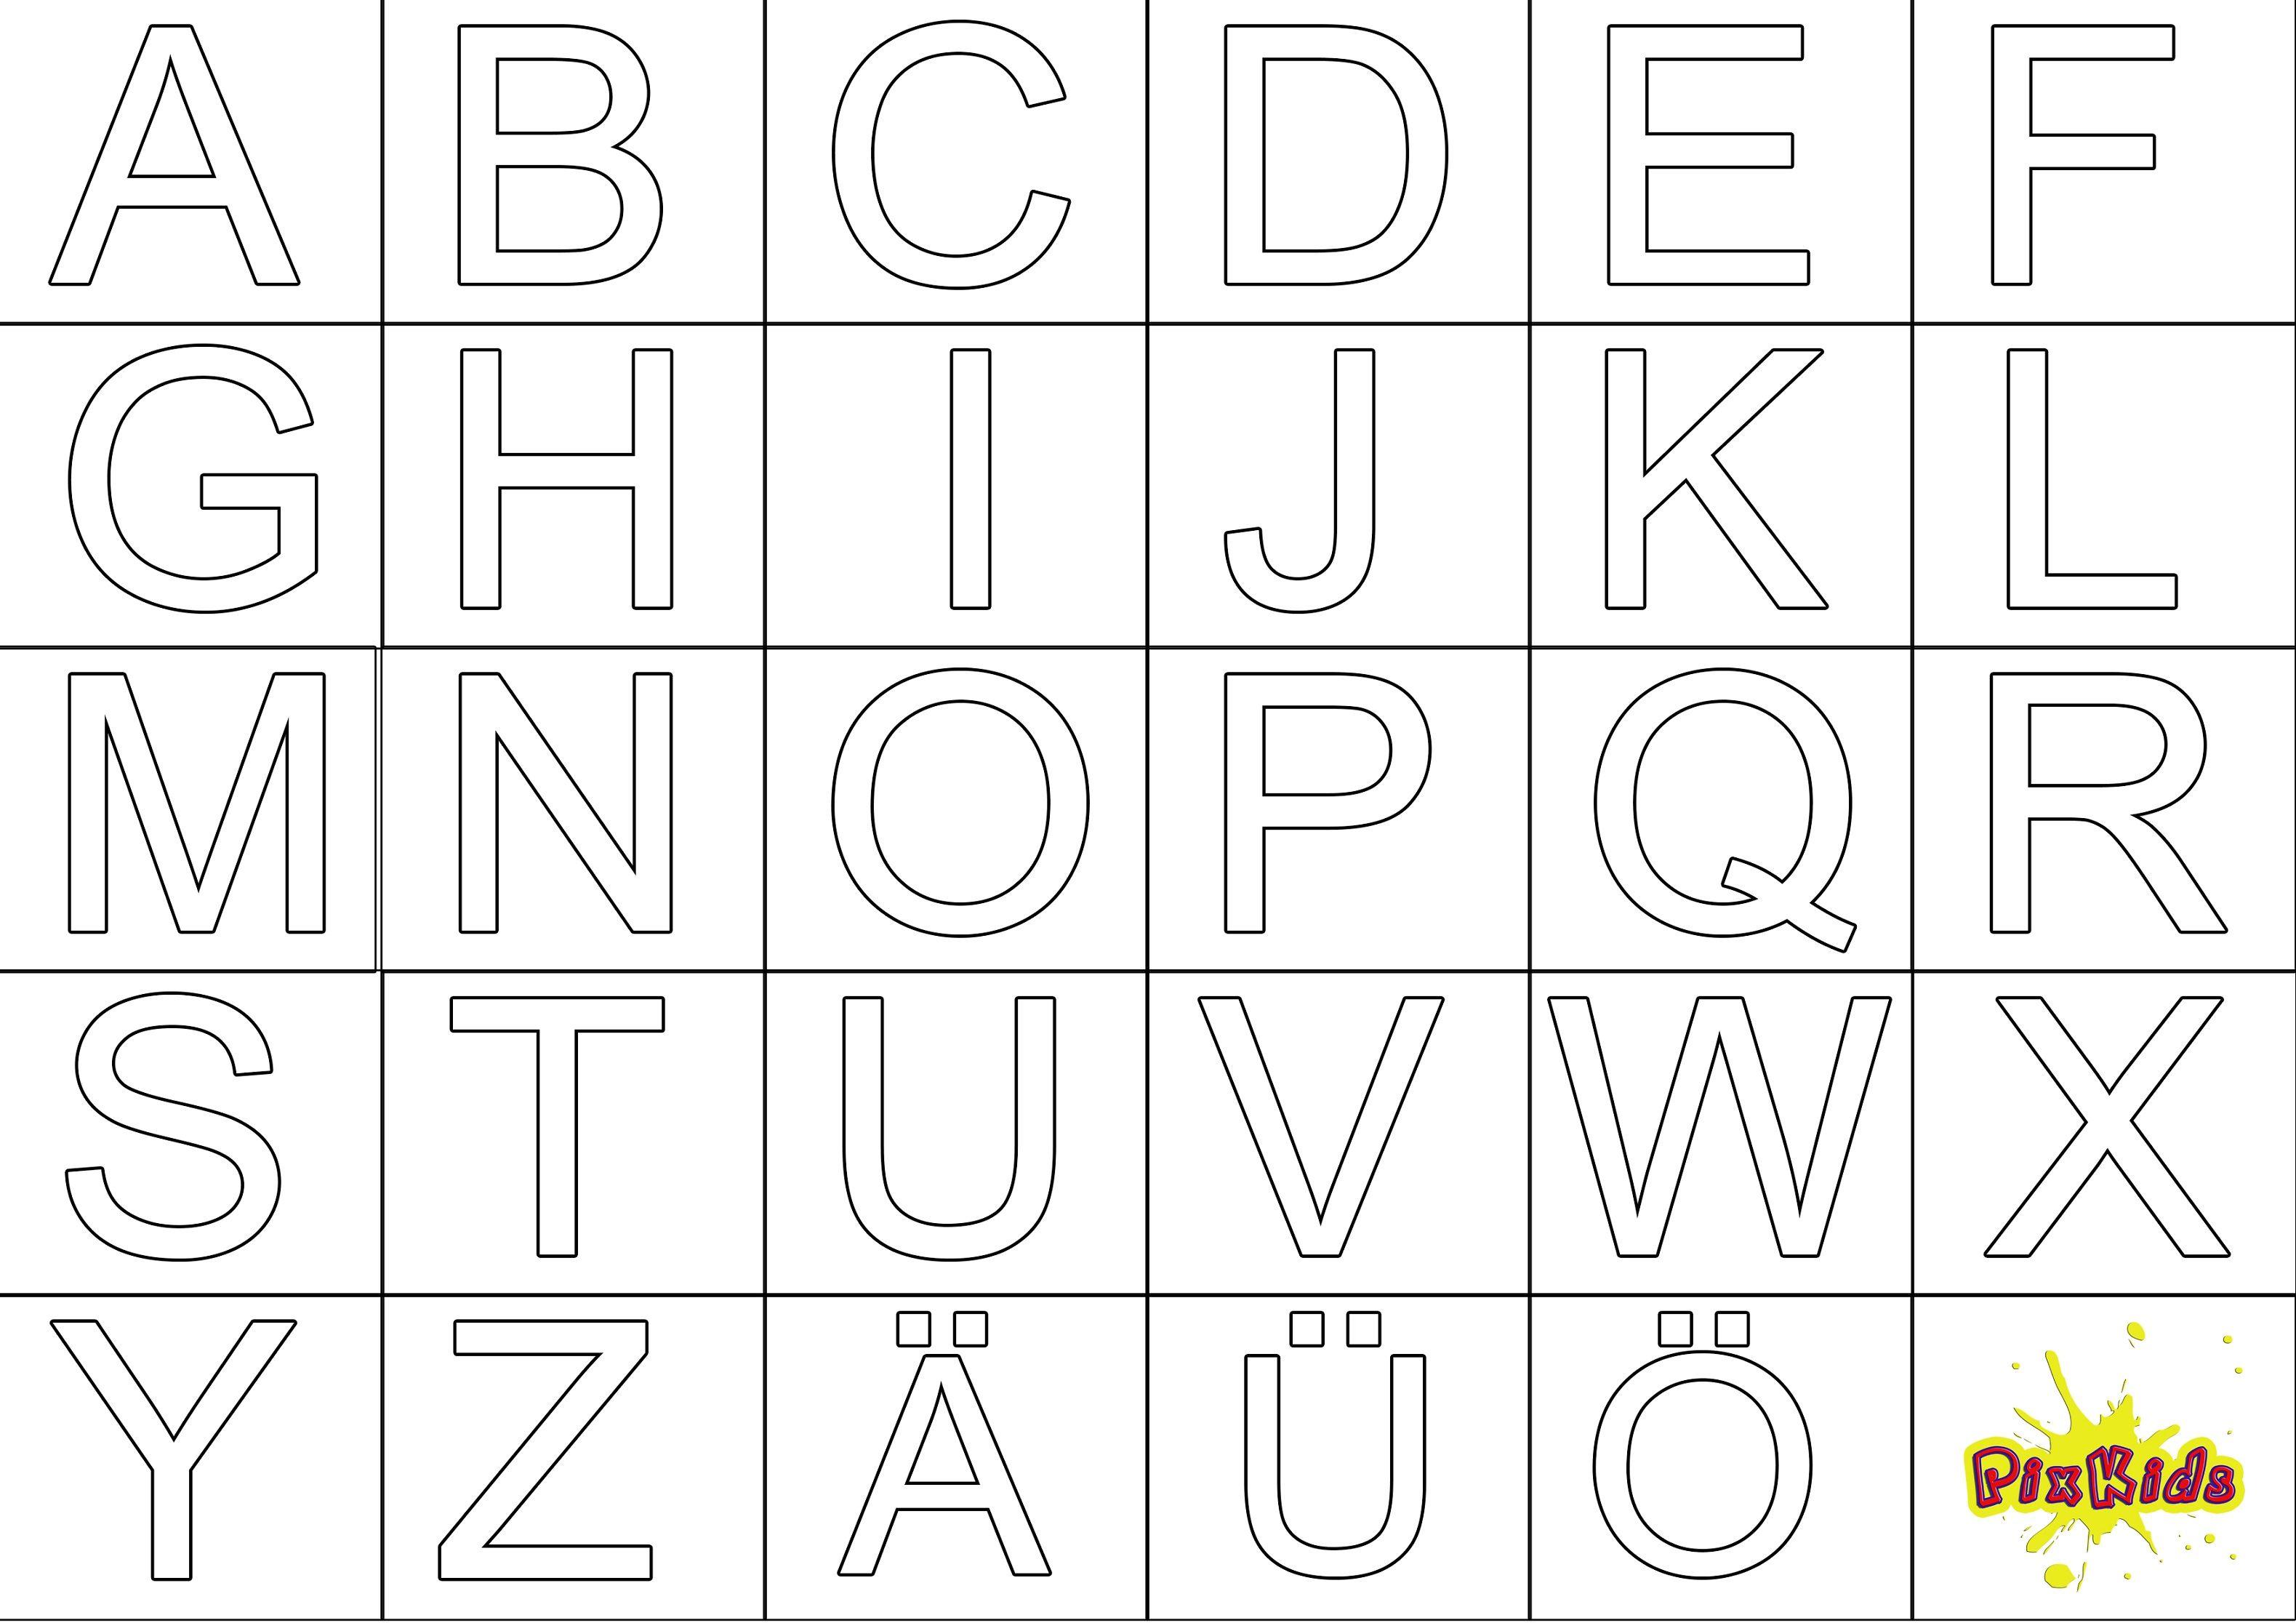 Ausmalbilder Alphabet Ausdrucken Http Www Ausmalbilder Co Ausmalbilder A Alphabet Malvorlagen Buchstaben Vorlagen Zum Ausdrucken Ausmalbilder Zum Ausdrucken